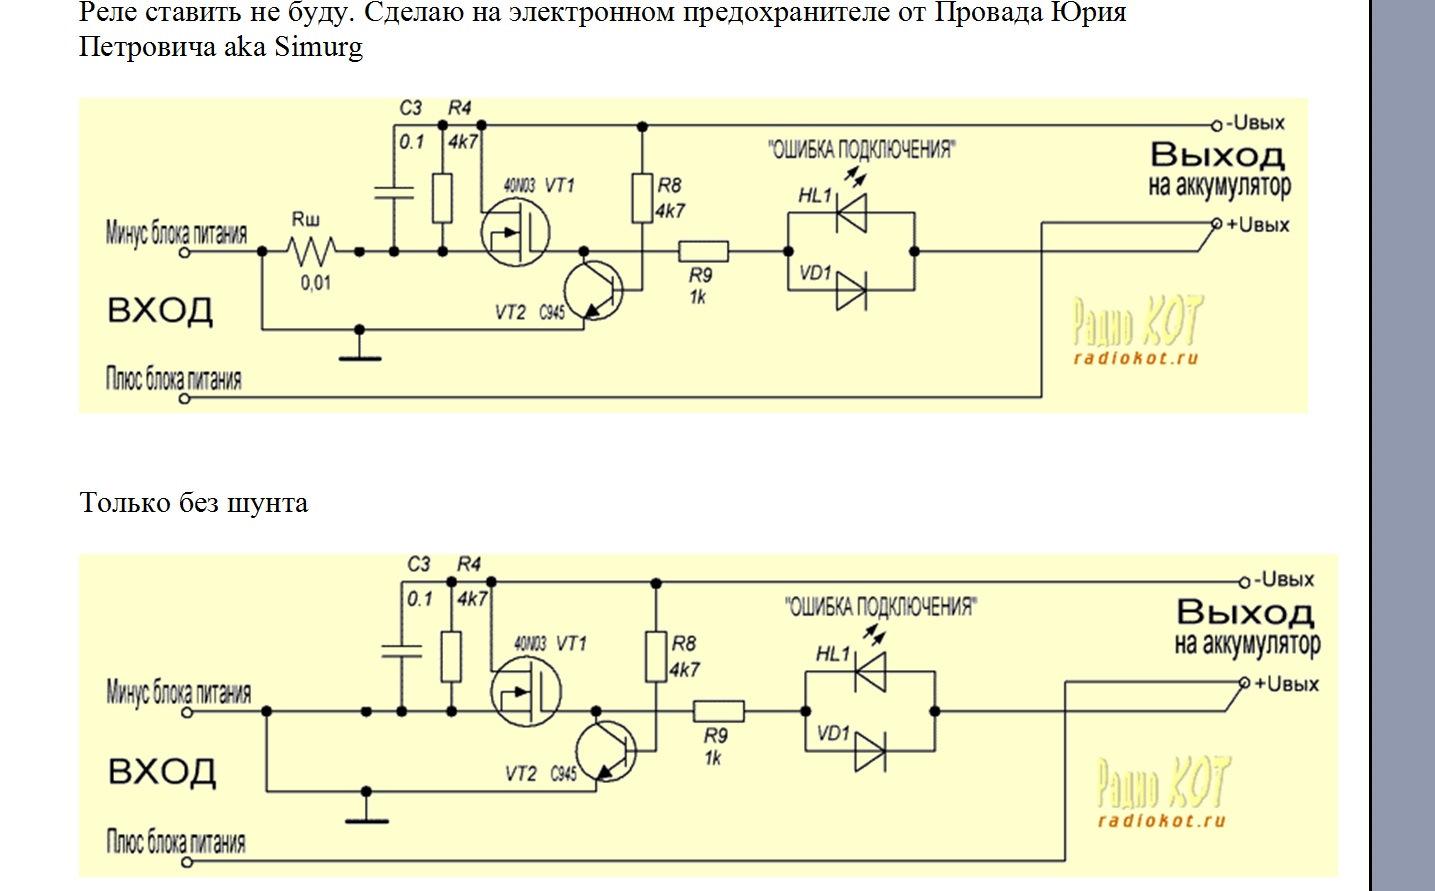 Схема метро Москвы с расчетом времени и новыми станциями